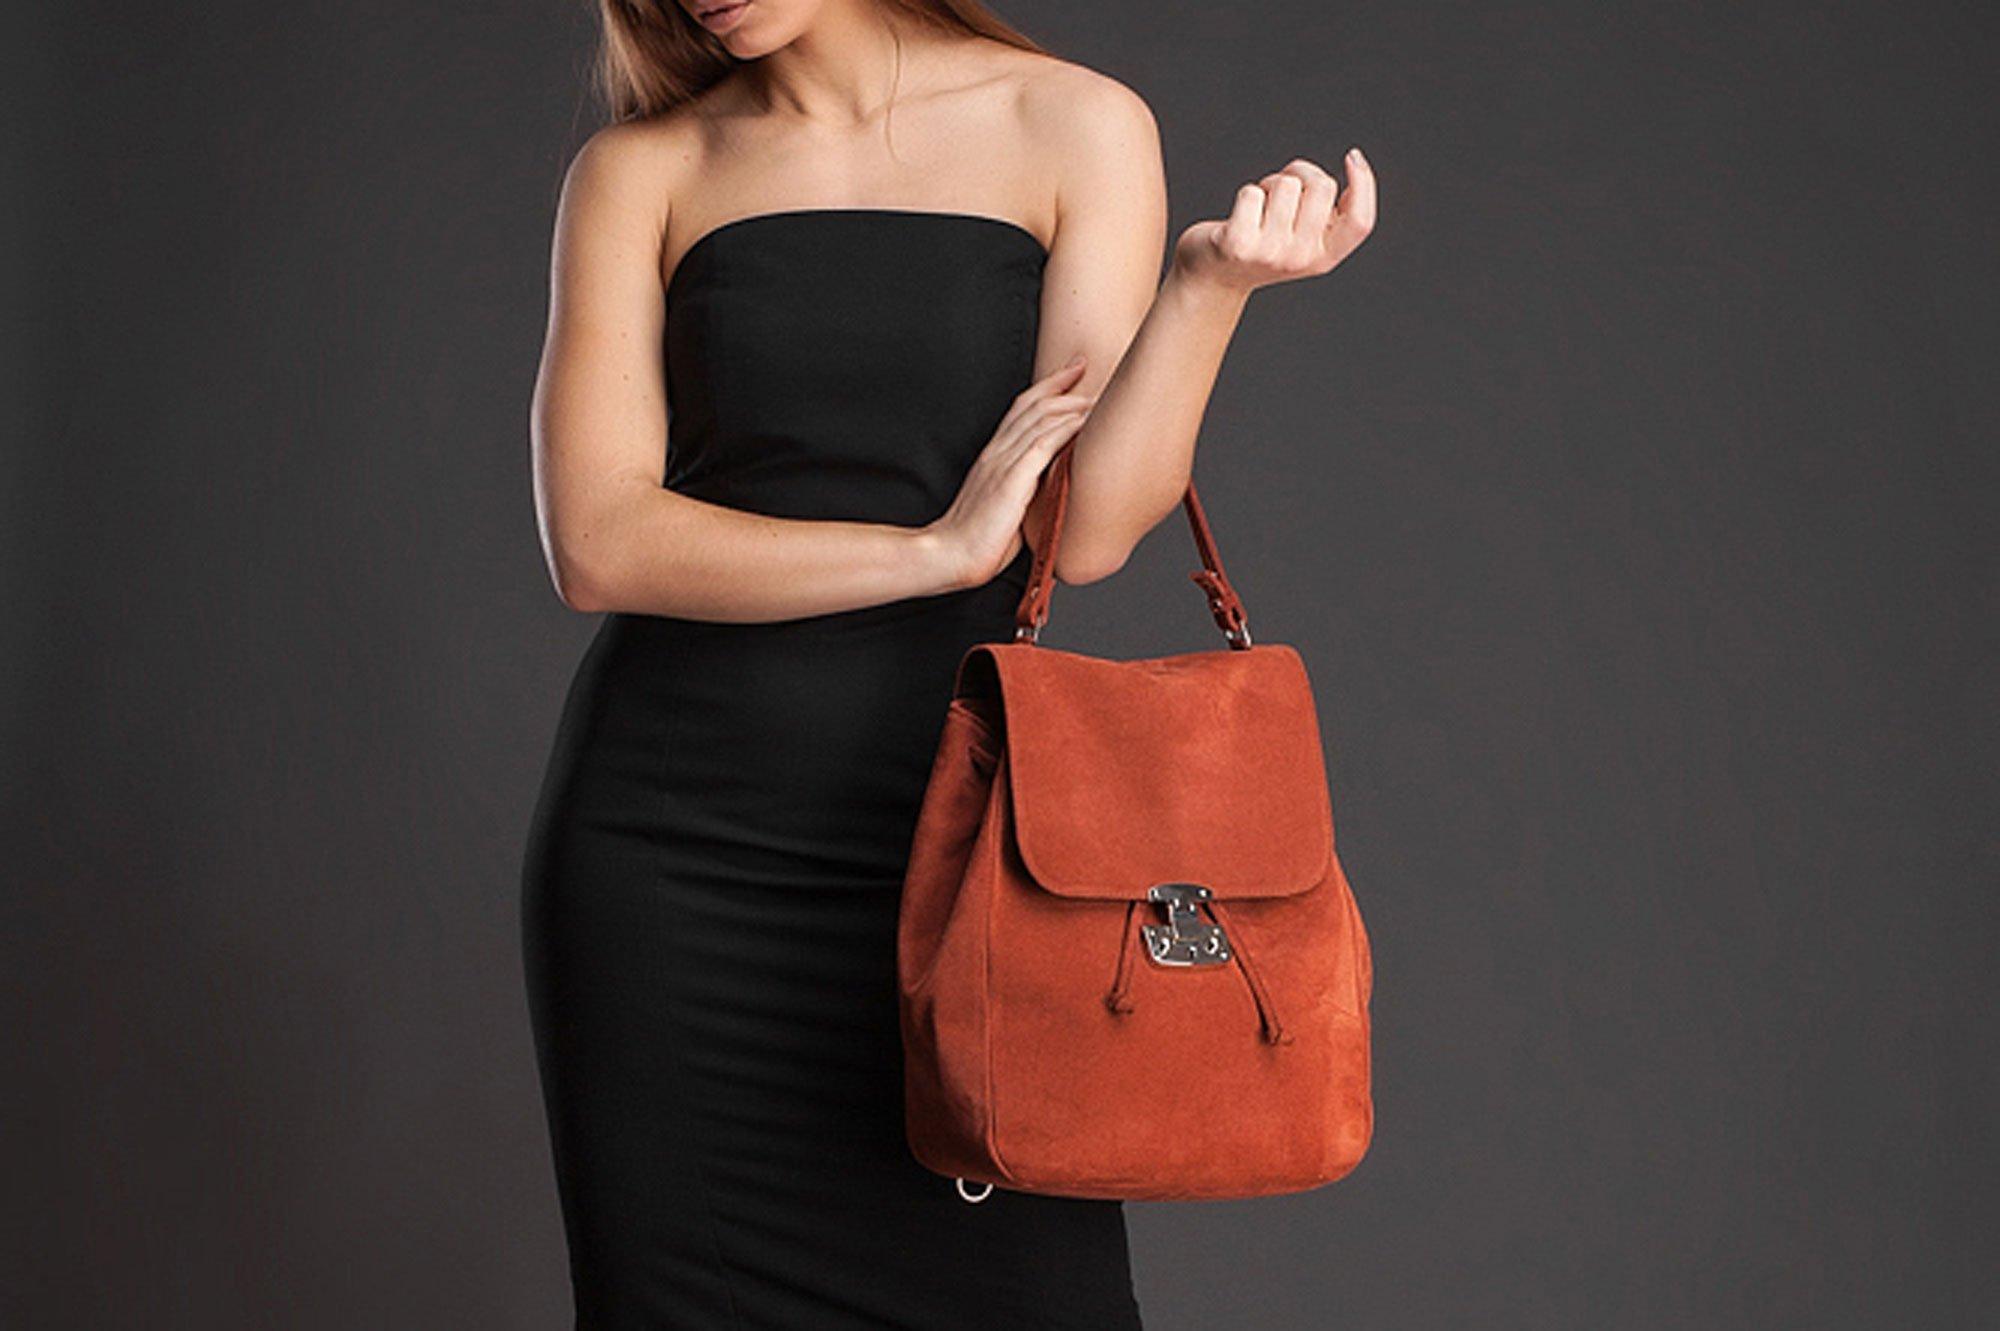 Suede backpack leather backpack leather rucksack backpack purse orande suede backpack laptop backpack school backpack suede bag handbag